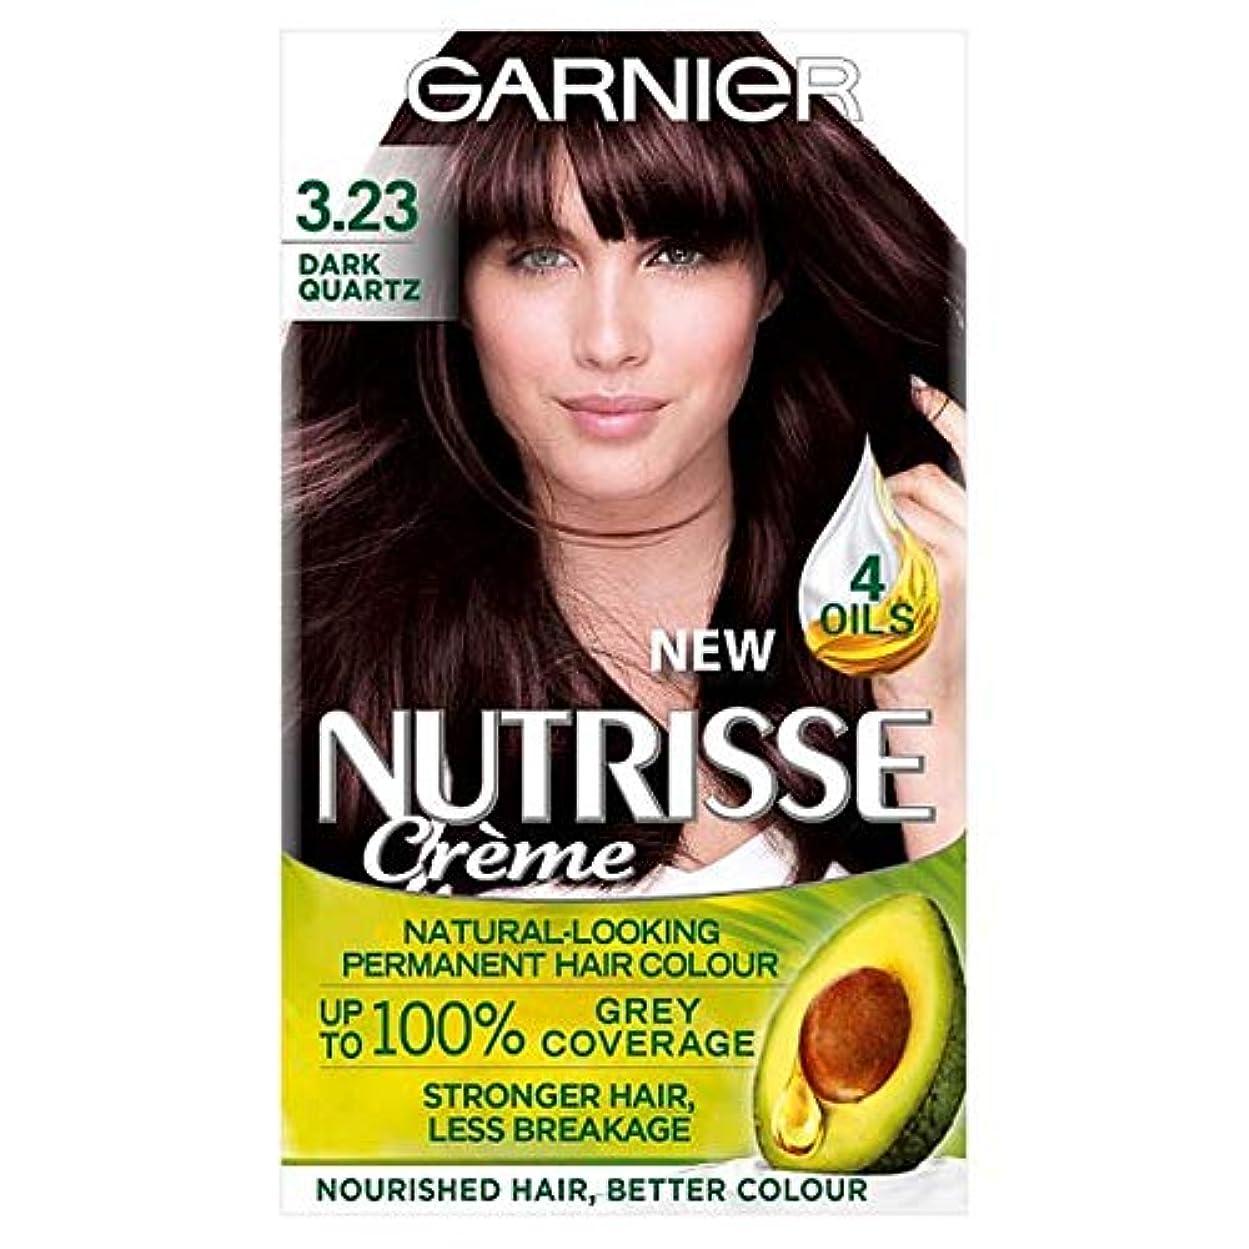 織機変換人差し指[Garnier ] ガルニエNutrisse 3.23ダークブラウンの石英パーマネントヘアダイ - Garnier Nutrisse 3.23 Dark Quartz Brown Permanent Hair Dye [並行輸入品]